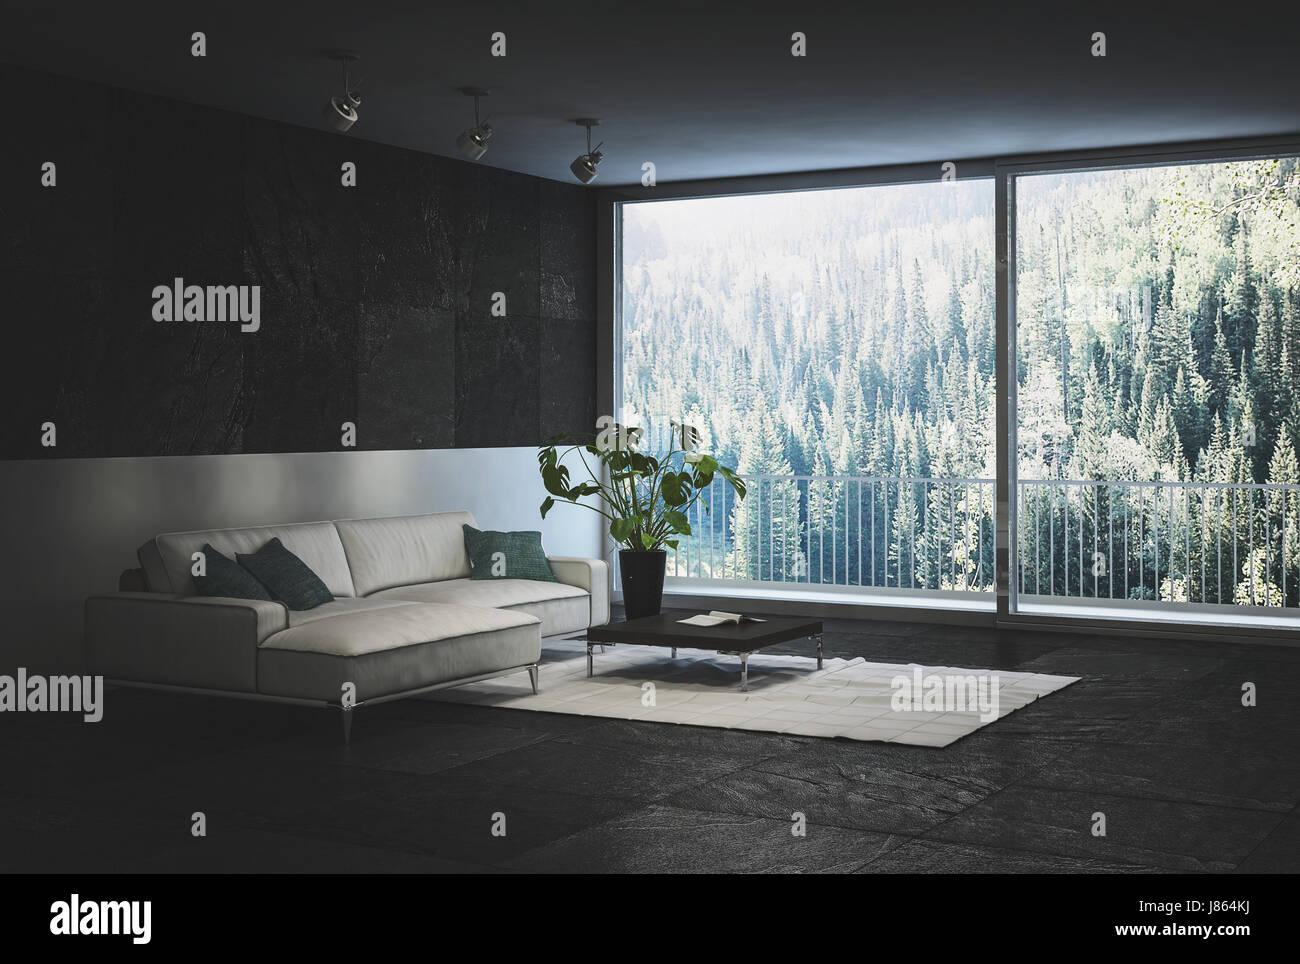 Design nero elegante salotto interno con pareti in piastrelle e